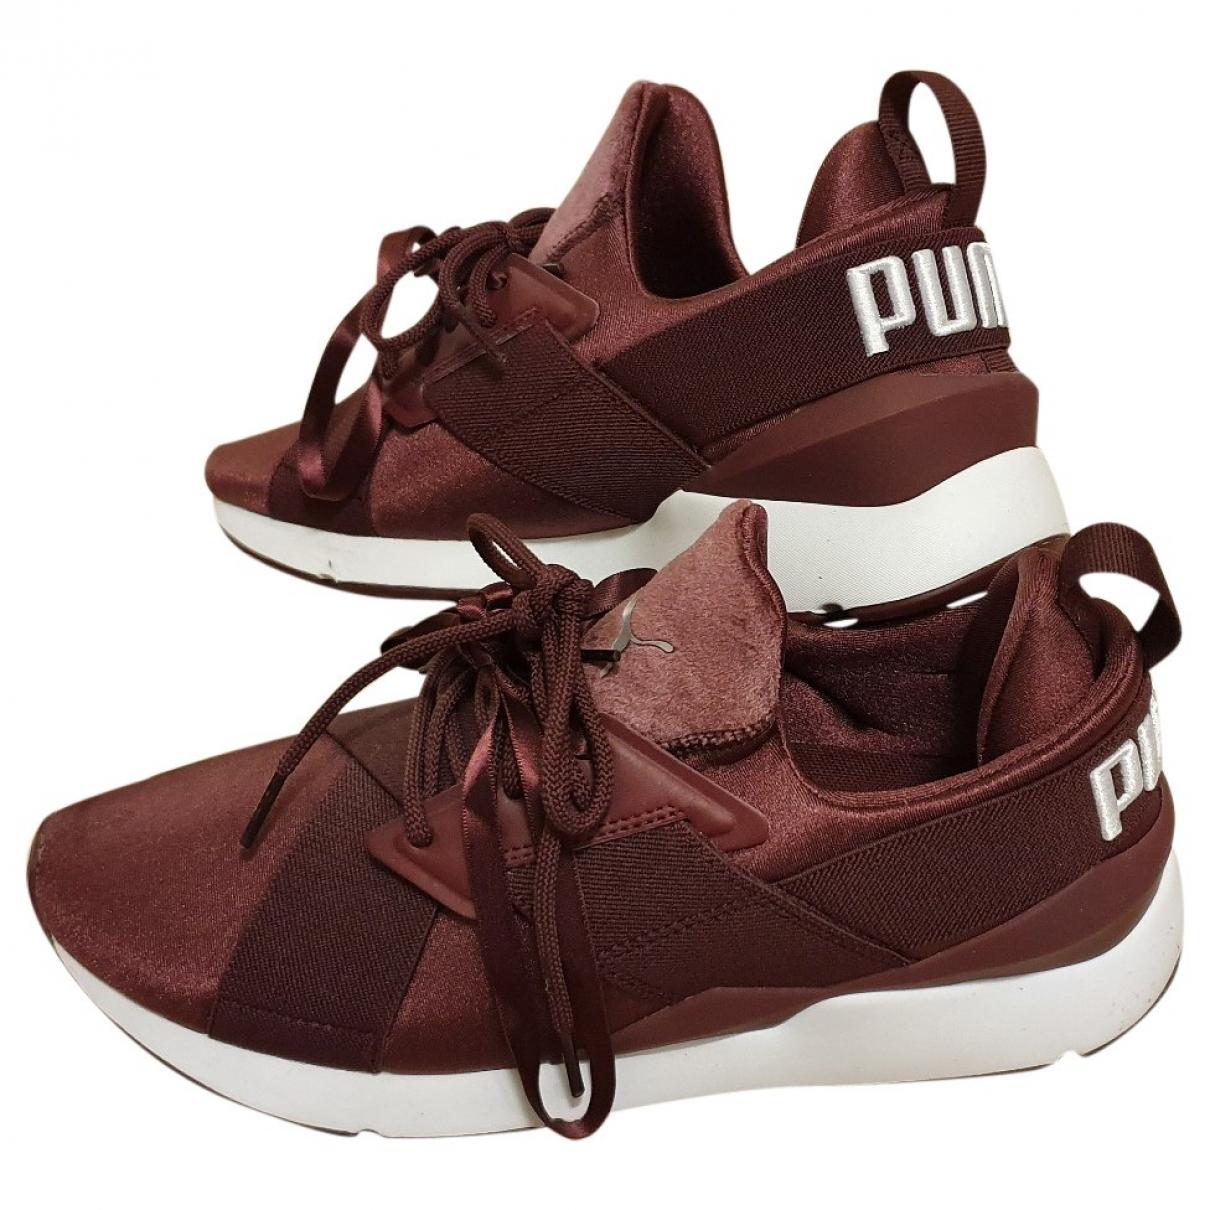 Puma - Baskets   pour femme - bordeaux